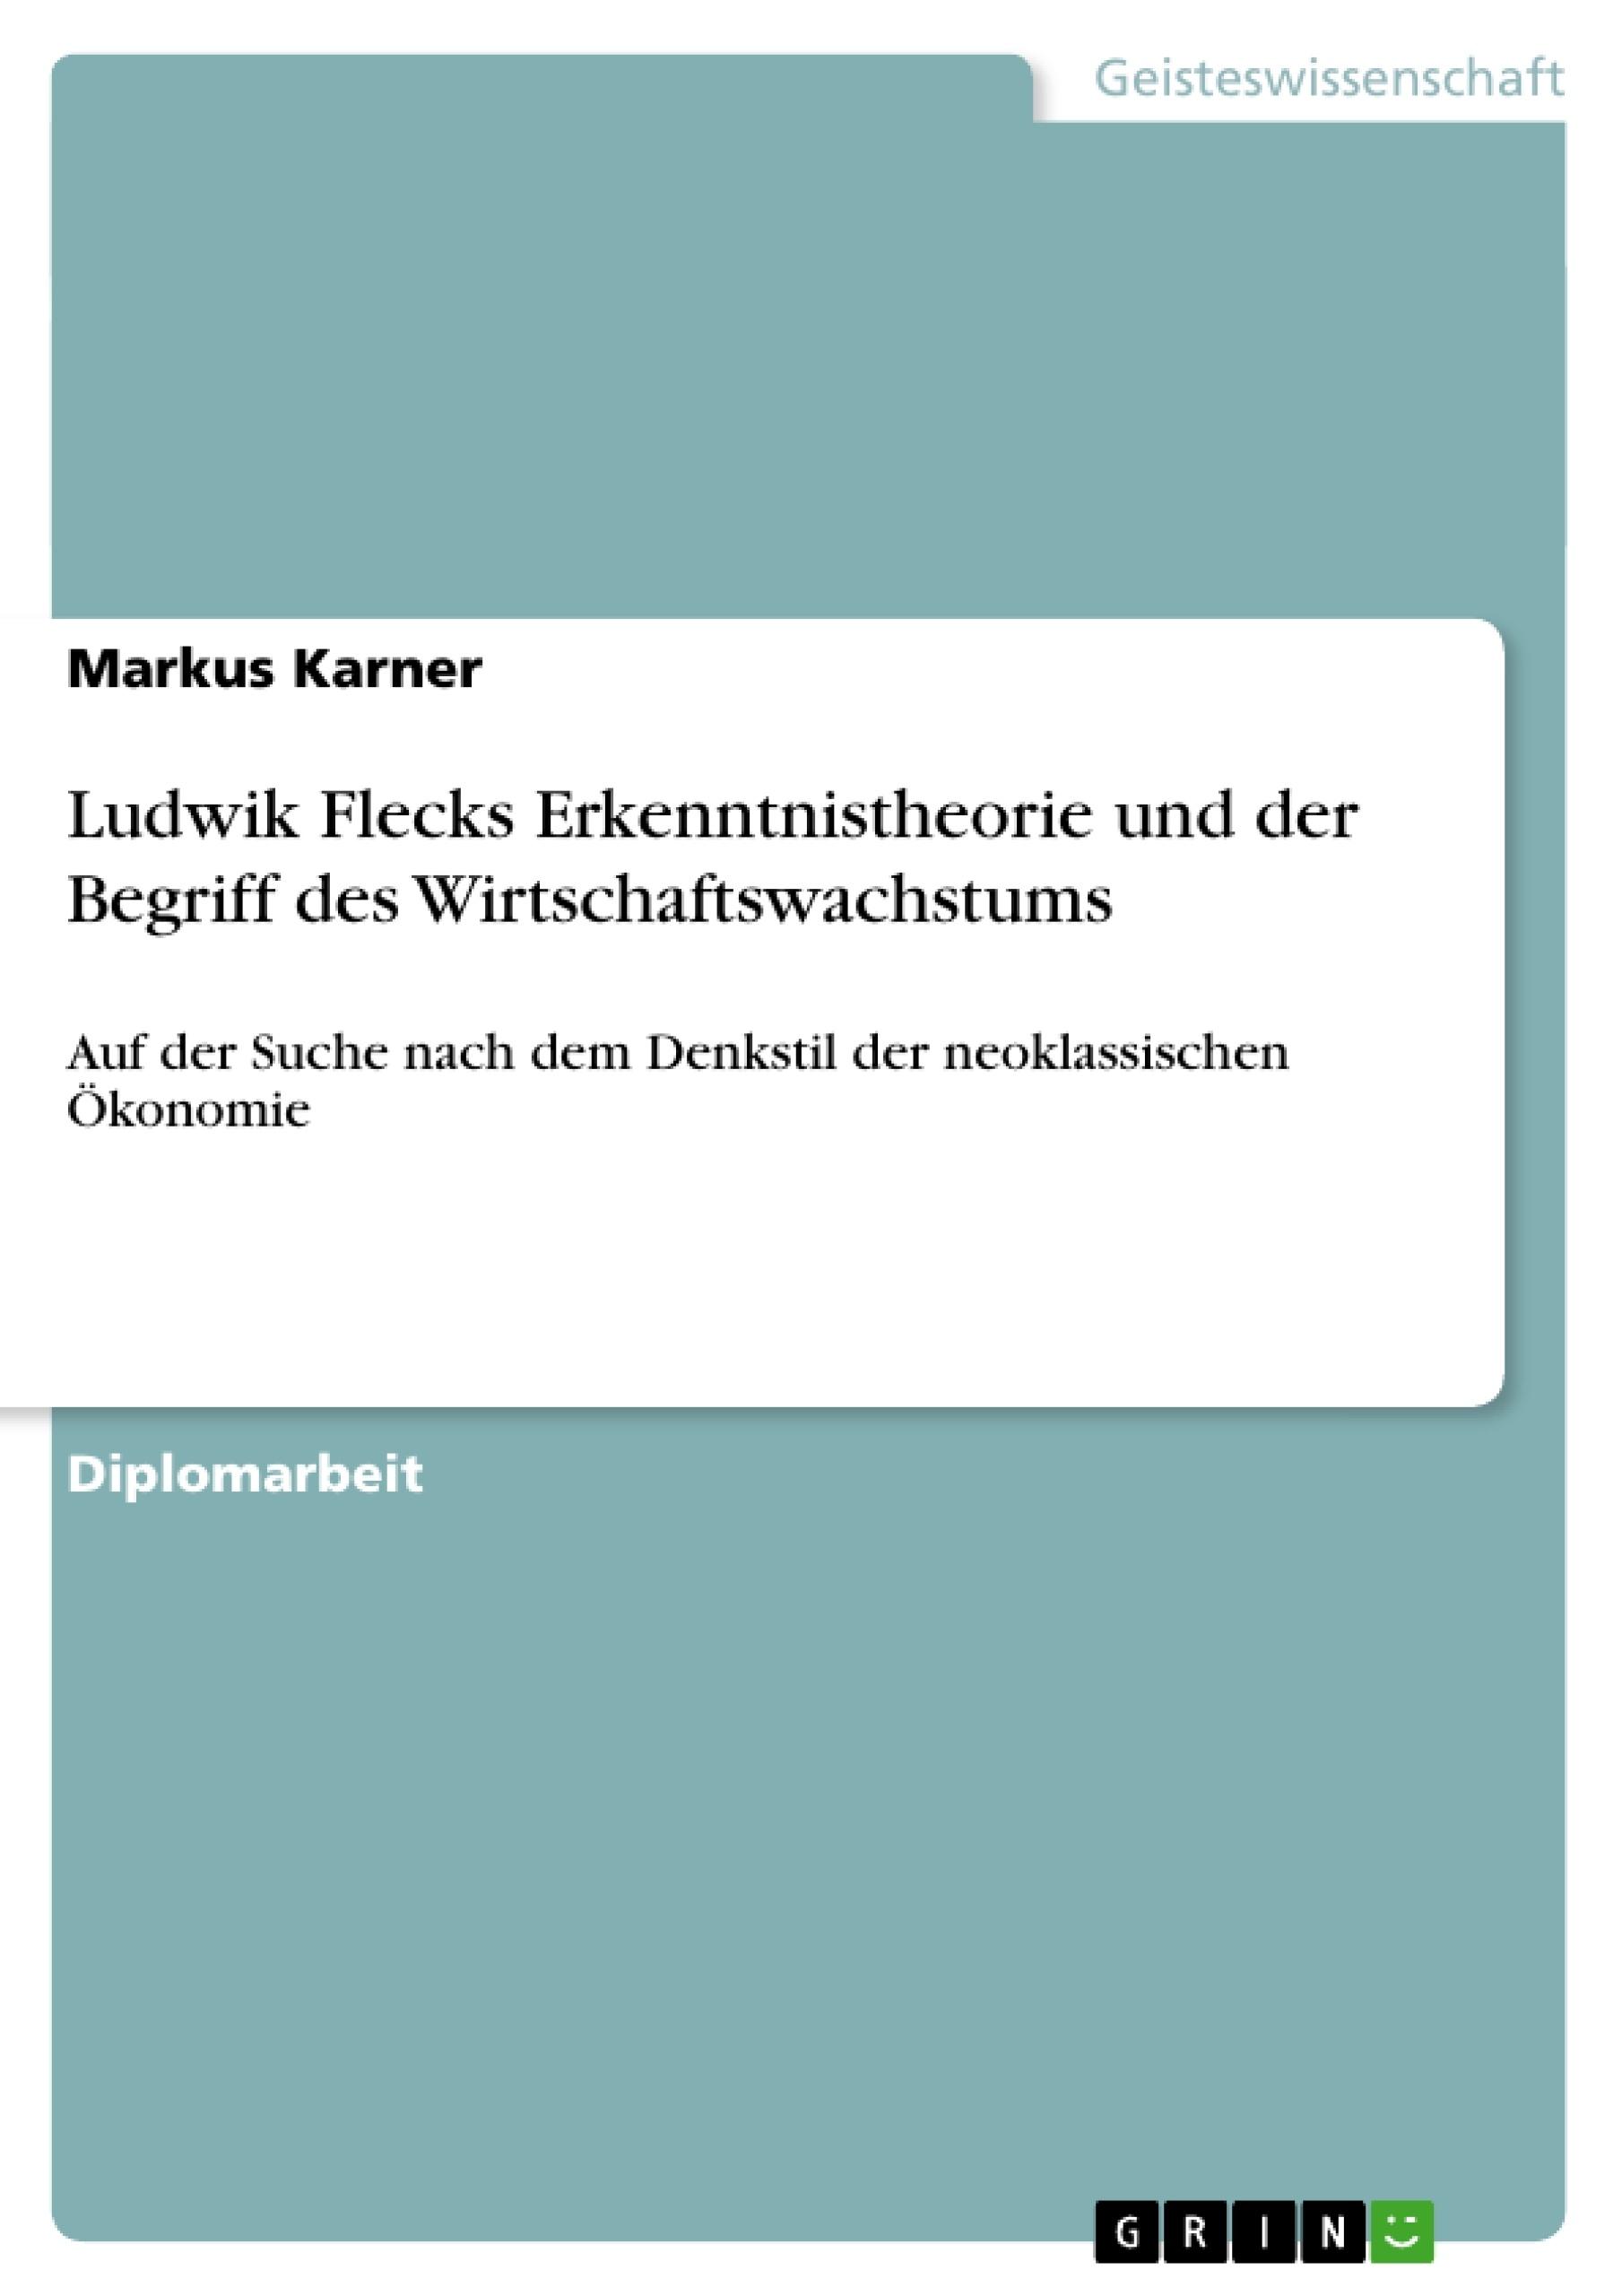 Titel: Ludwik Flecks Erkenntnistheorie und der Begriff des Wirtschaftswachstums